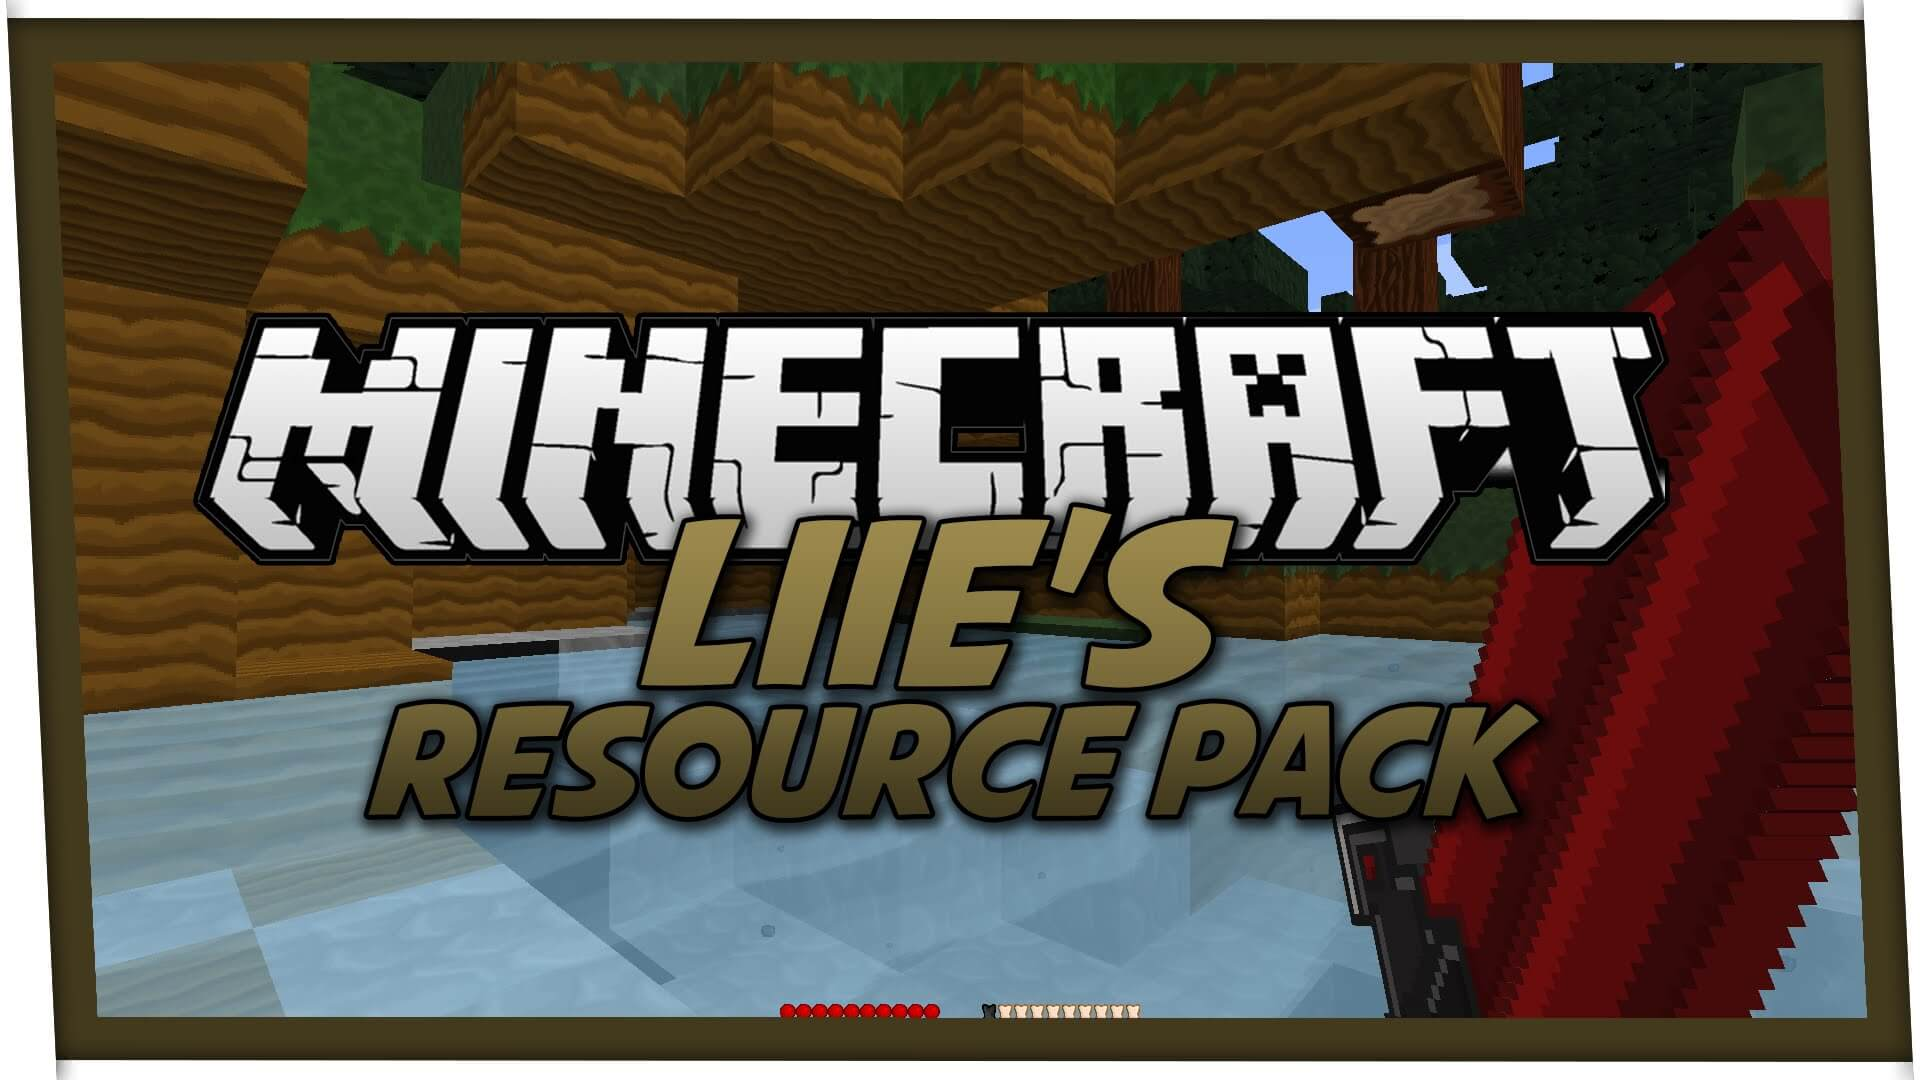 LIIEs-Resource-Pack.jpg